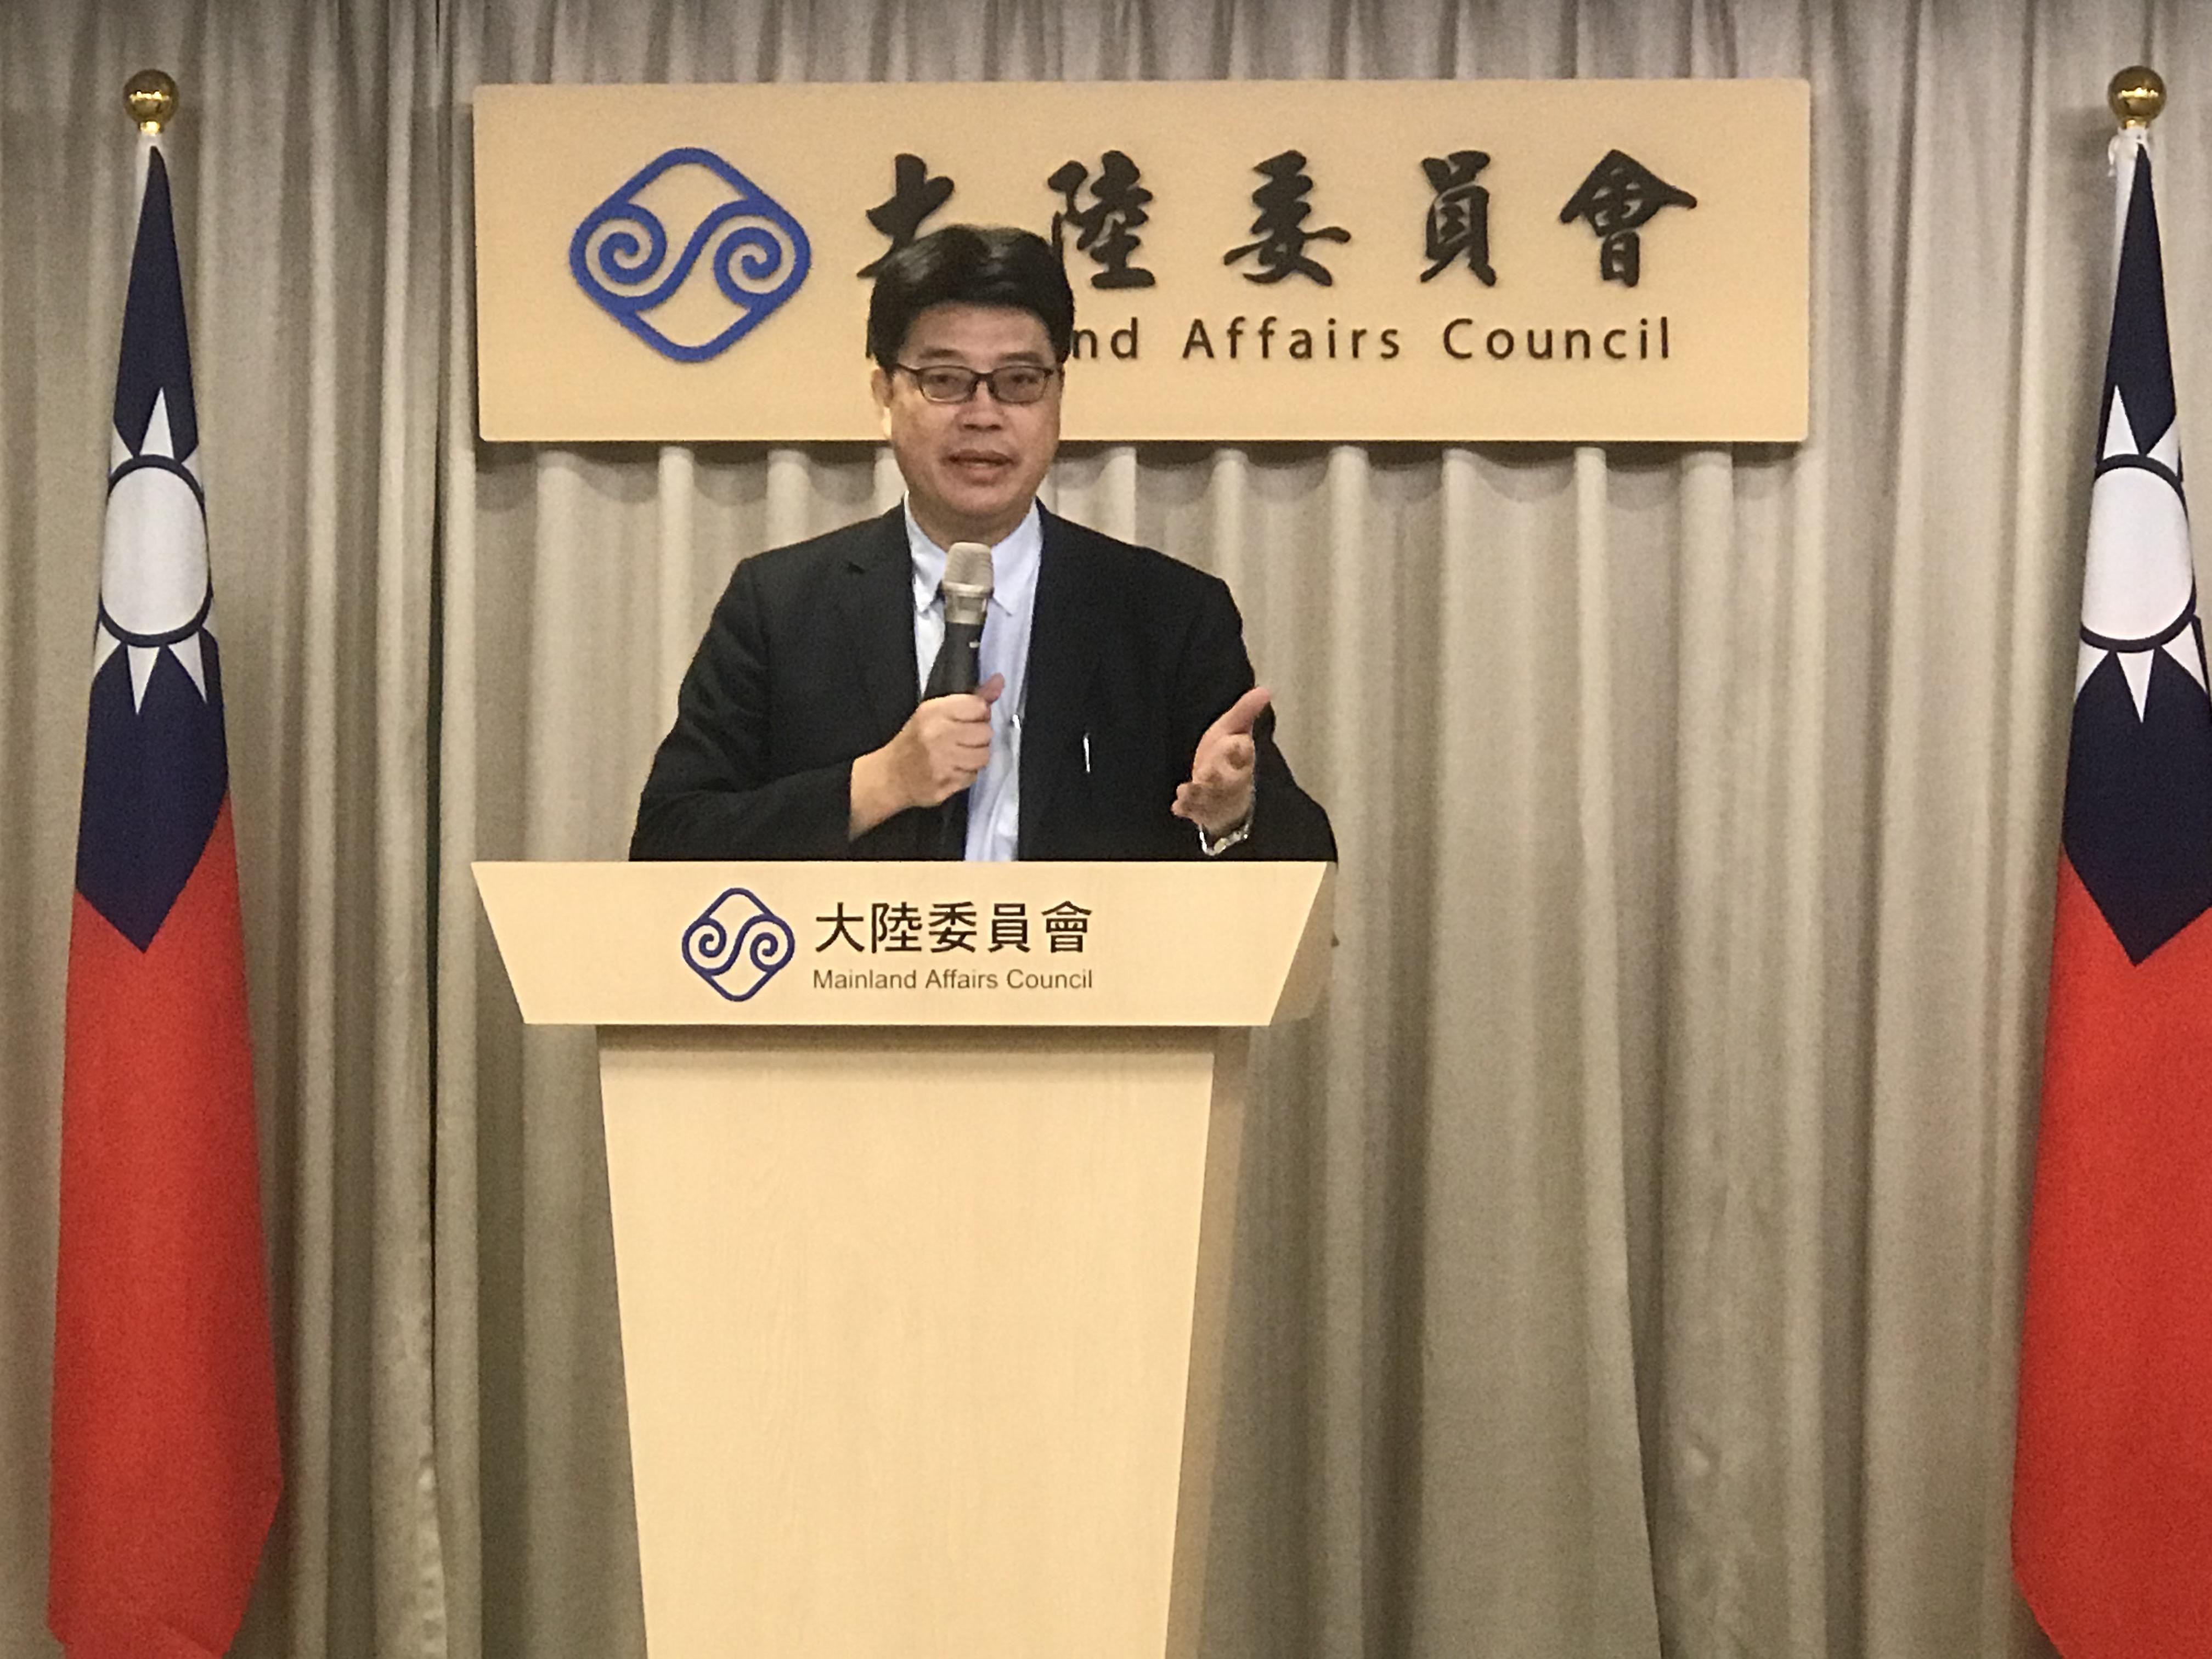 陸委會:中港「焚書坑儒2.0」無法獲人民認同